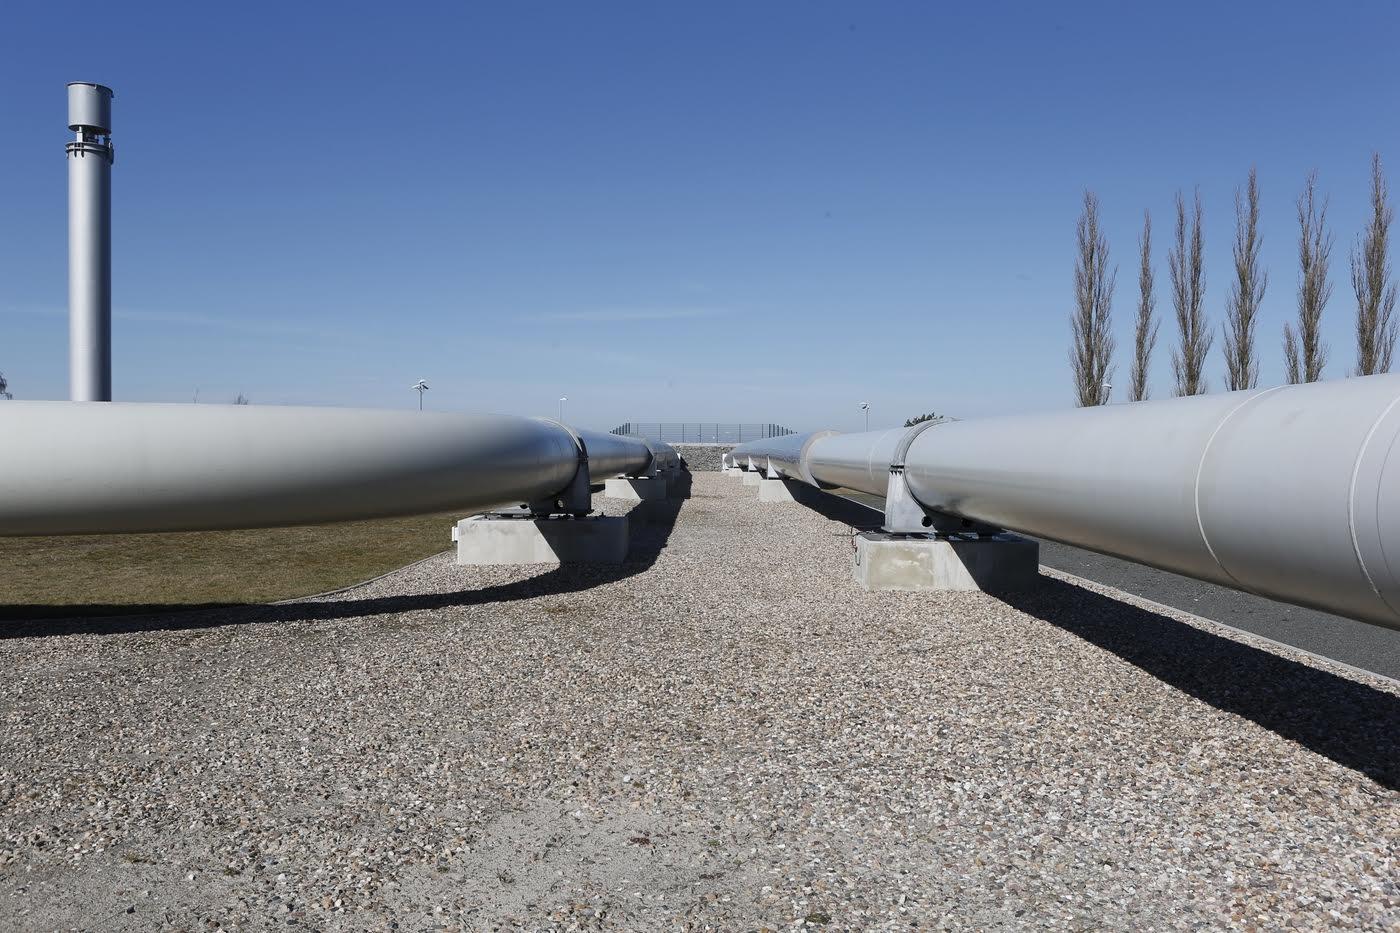 Η Ρωσία «ξηλώνει» τον South Stream και βάζει πλώρη για τον Nord Stream III;